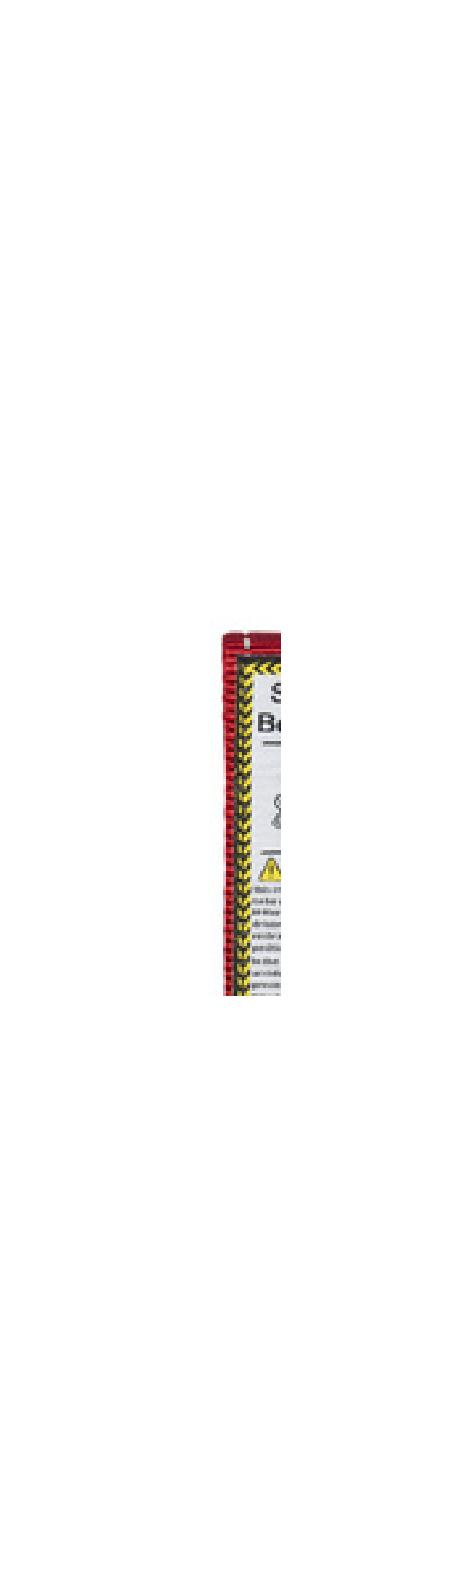 Rogz Ремень для пристегивания в автомобиле, красный, SAFETY BELT CLIP SBC19C, 0,058 кг